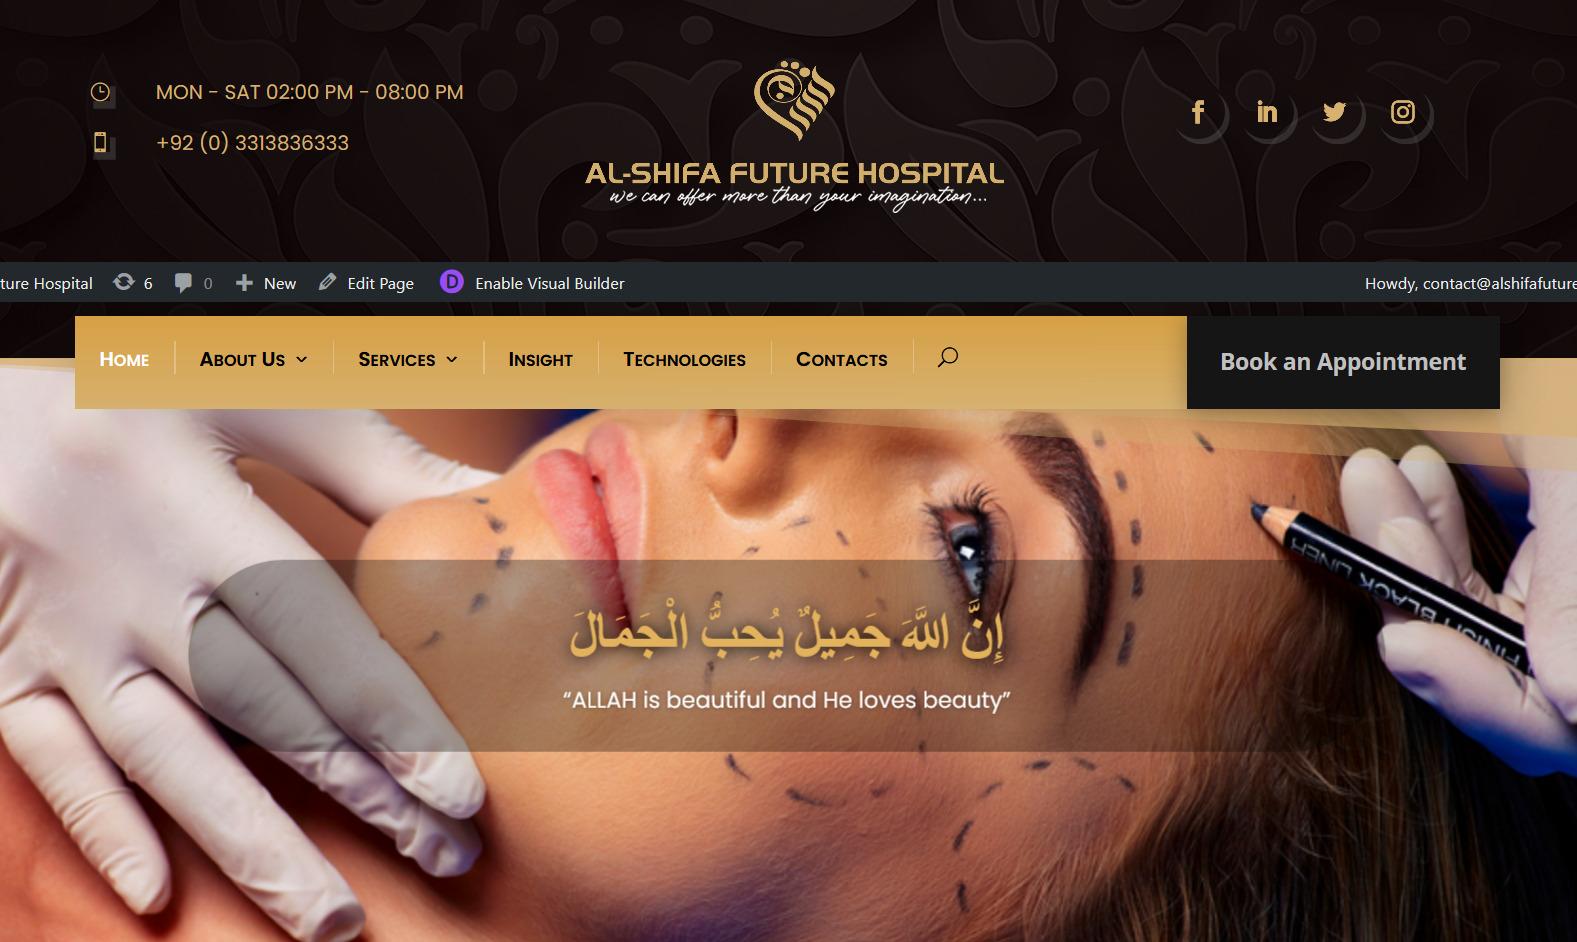 Al-Shifa-Future-Hospital-Gujranwala